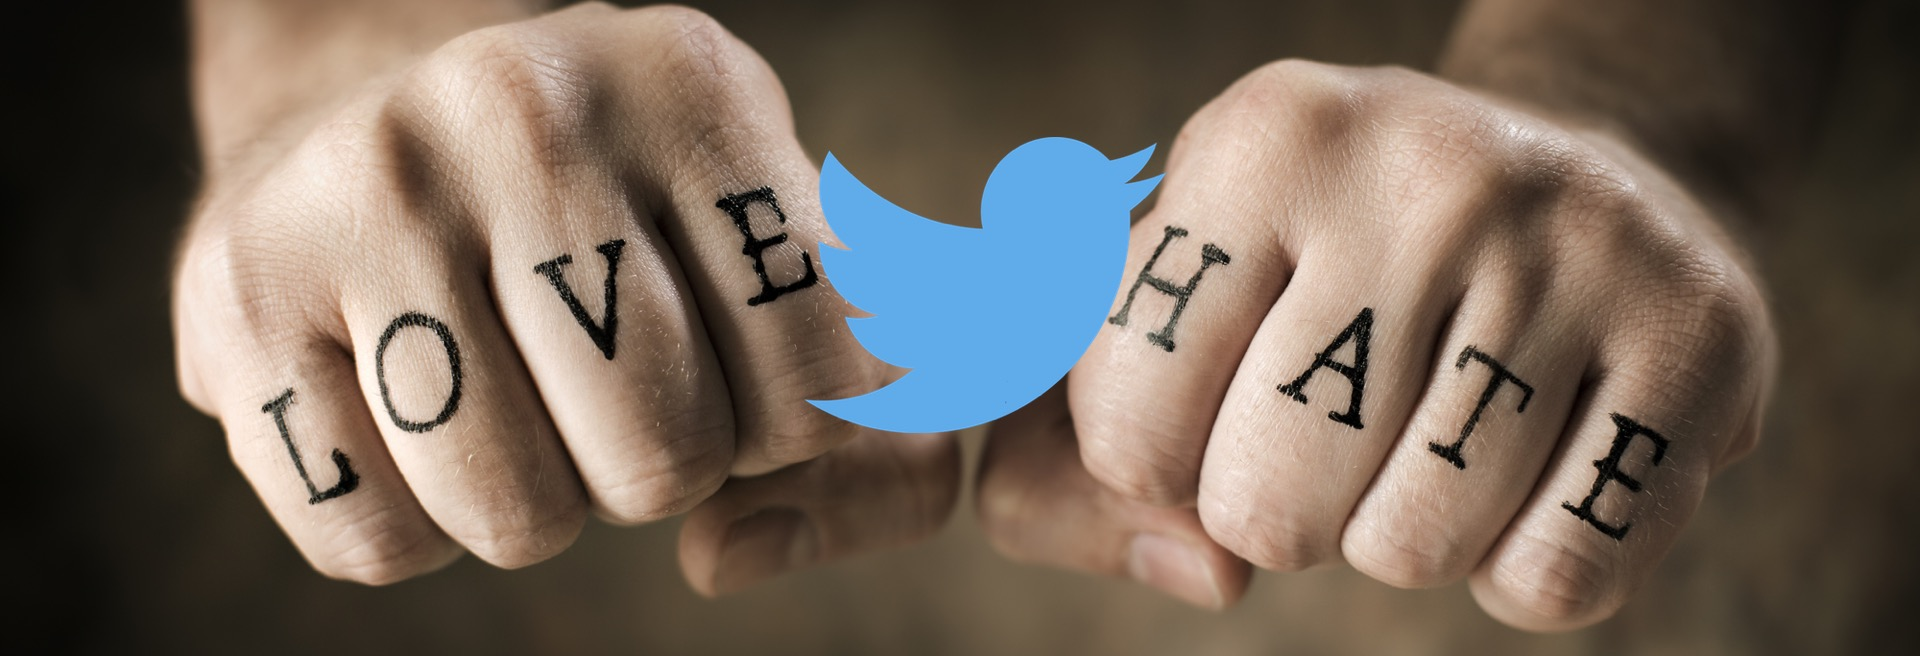 Le nuove regole di Twitter contro chi incita all' odio